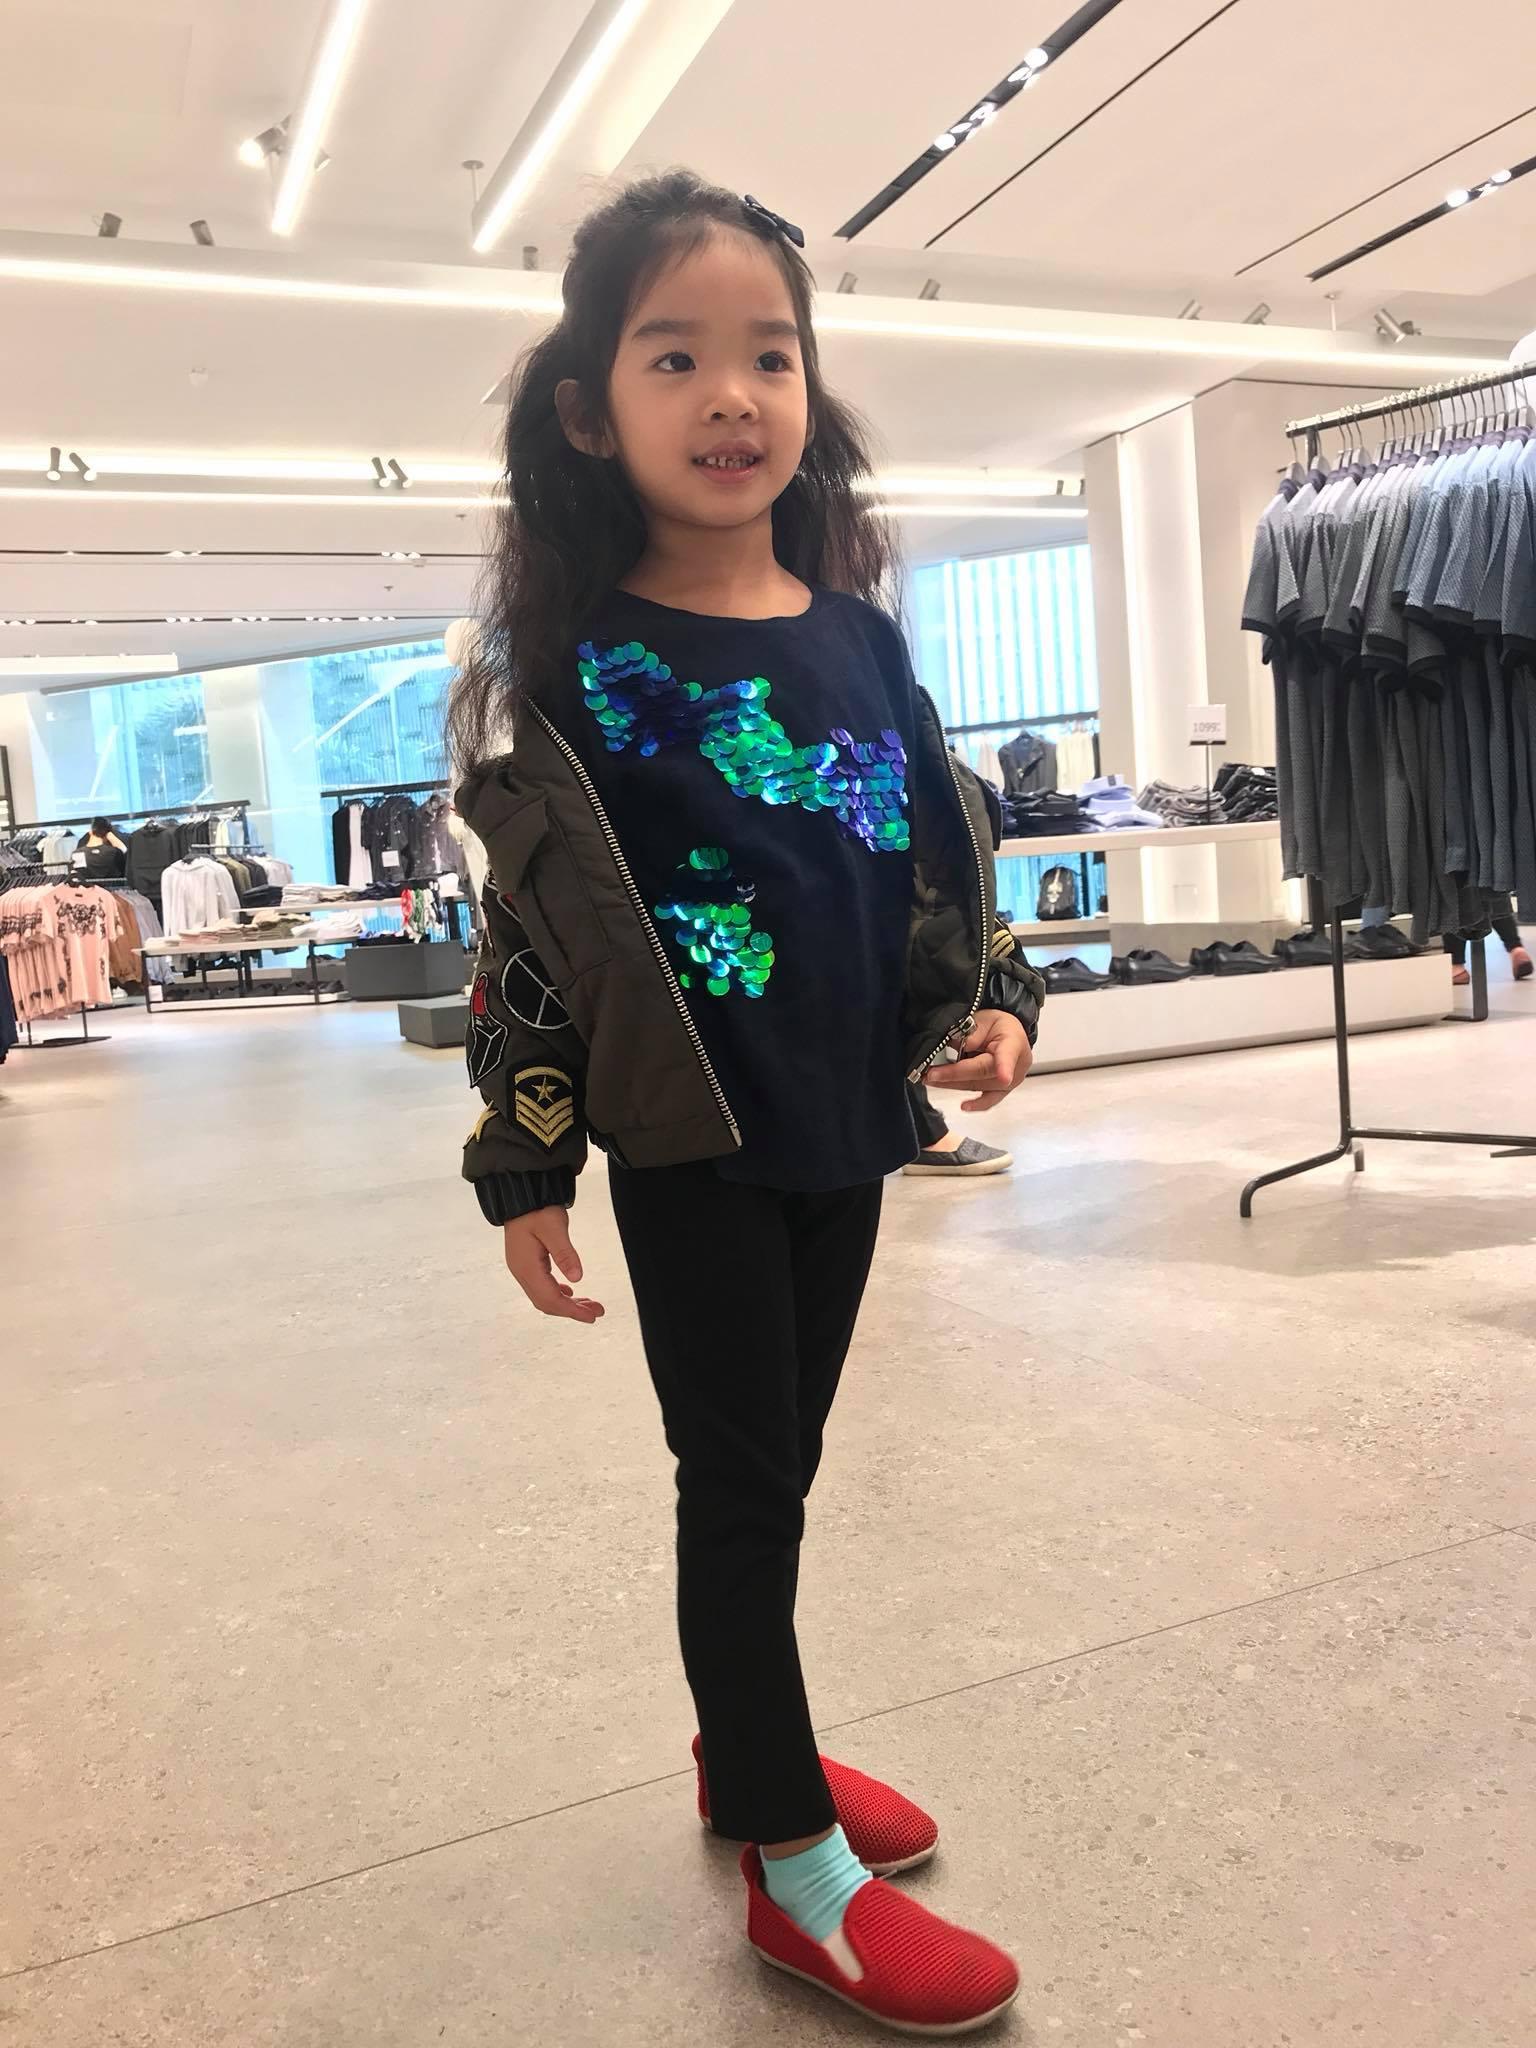 Mới 5 tuổi, bé Thỏ nhà siêu mẫu Xuân Lan đã bộc lộ tố chất người mẫu-4